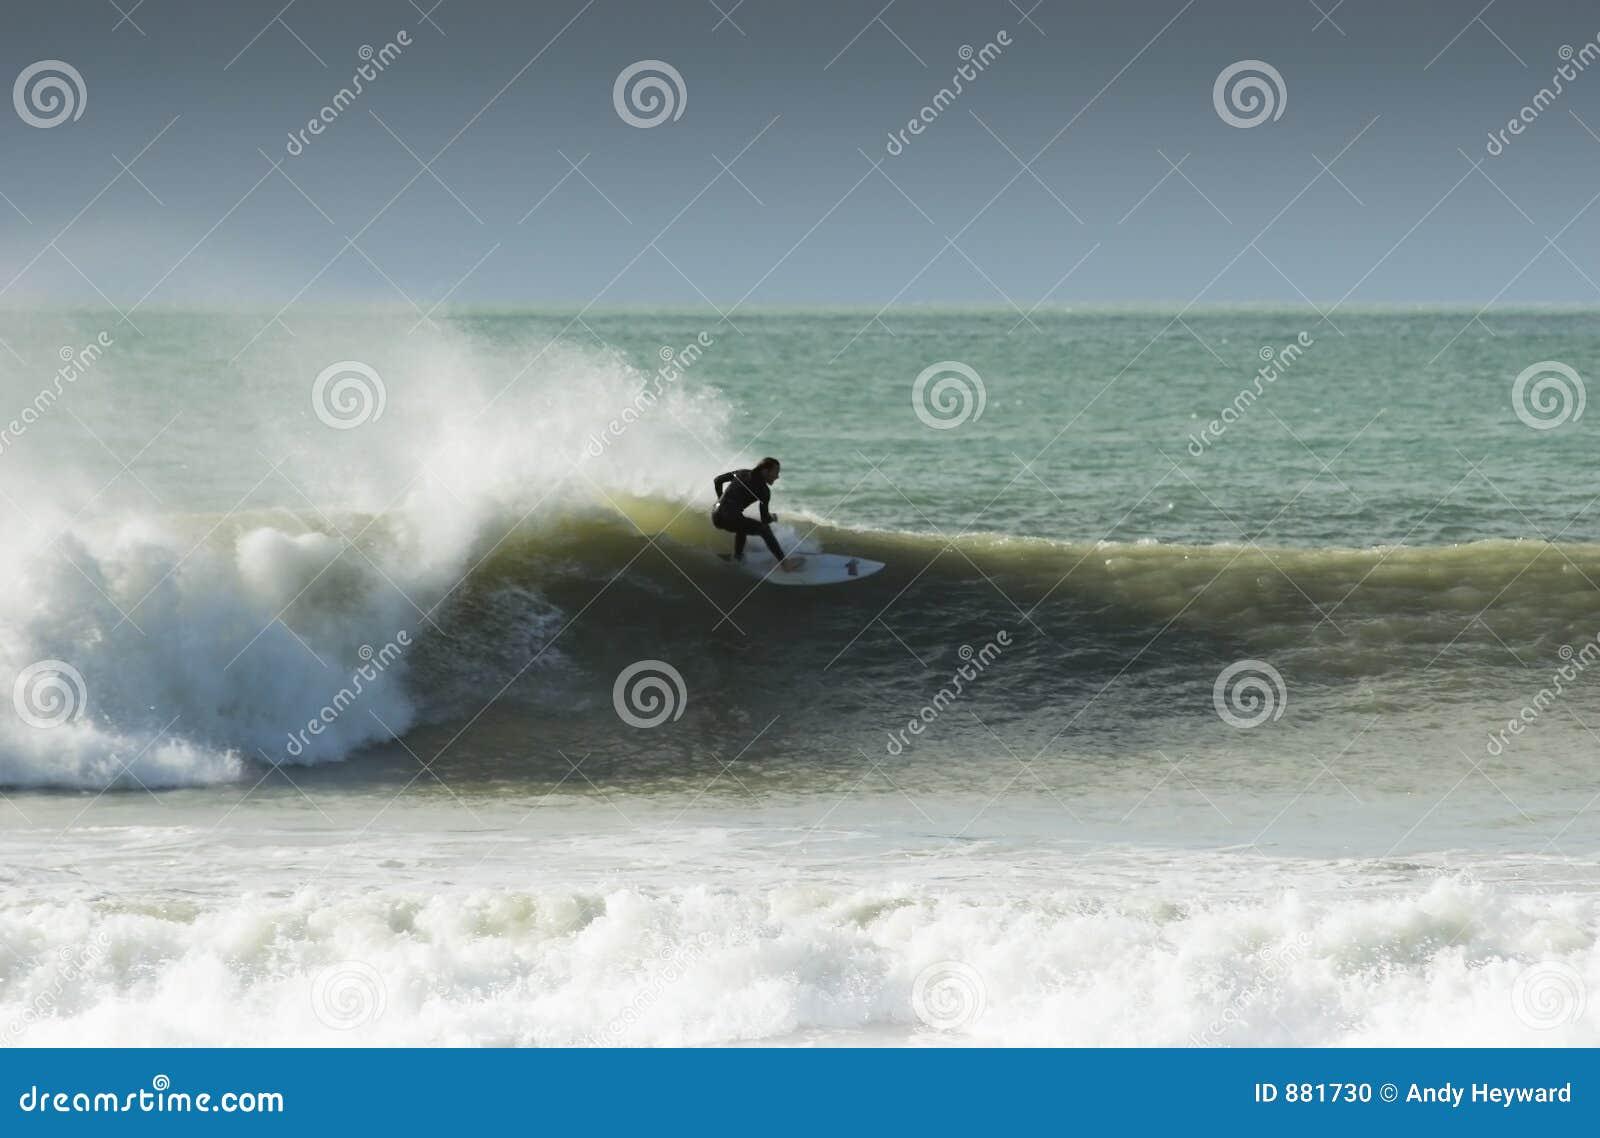 Surfing_11